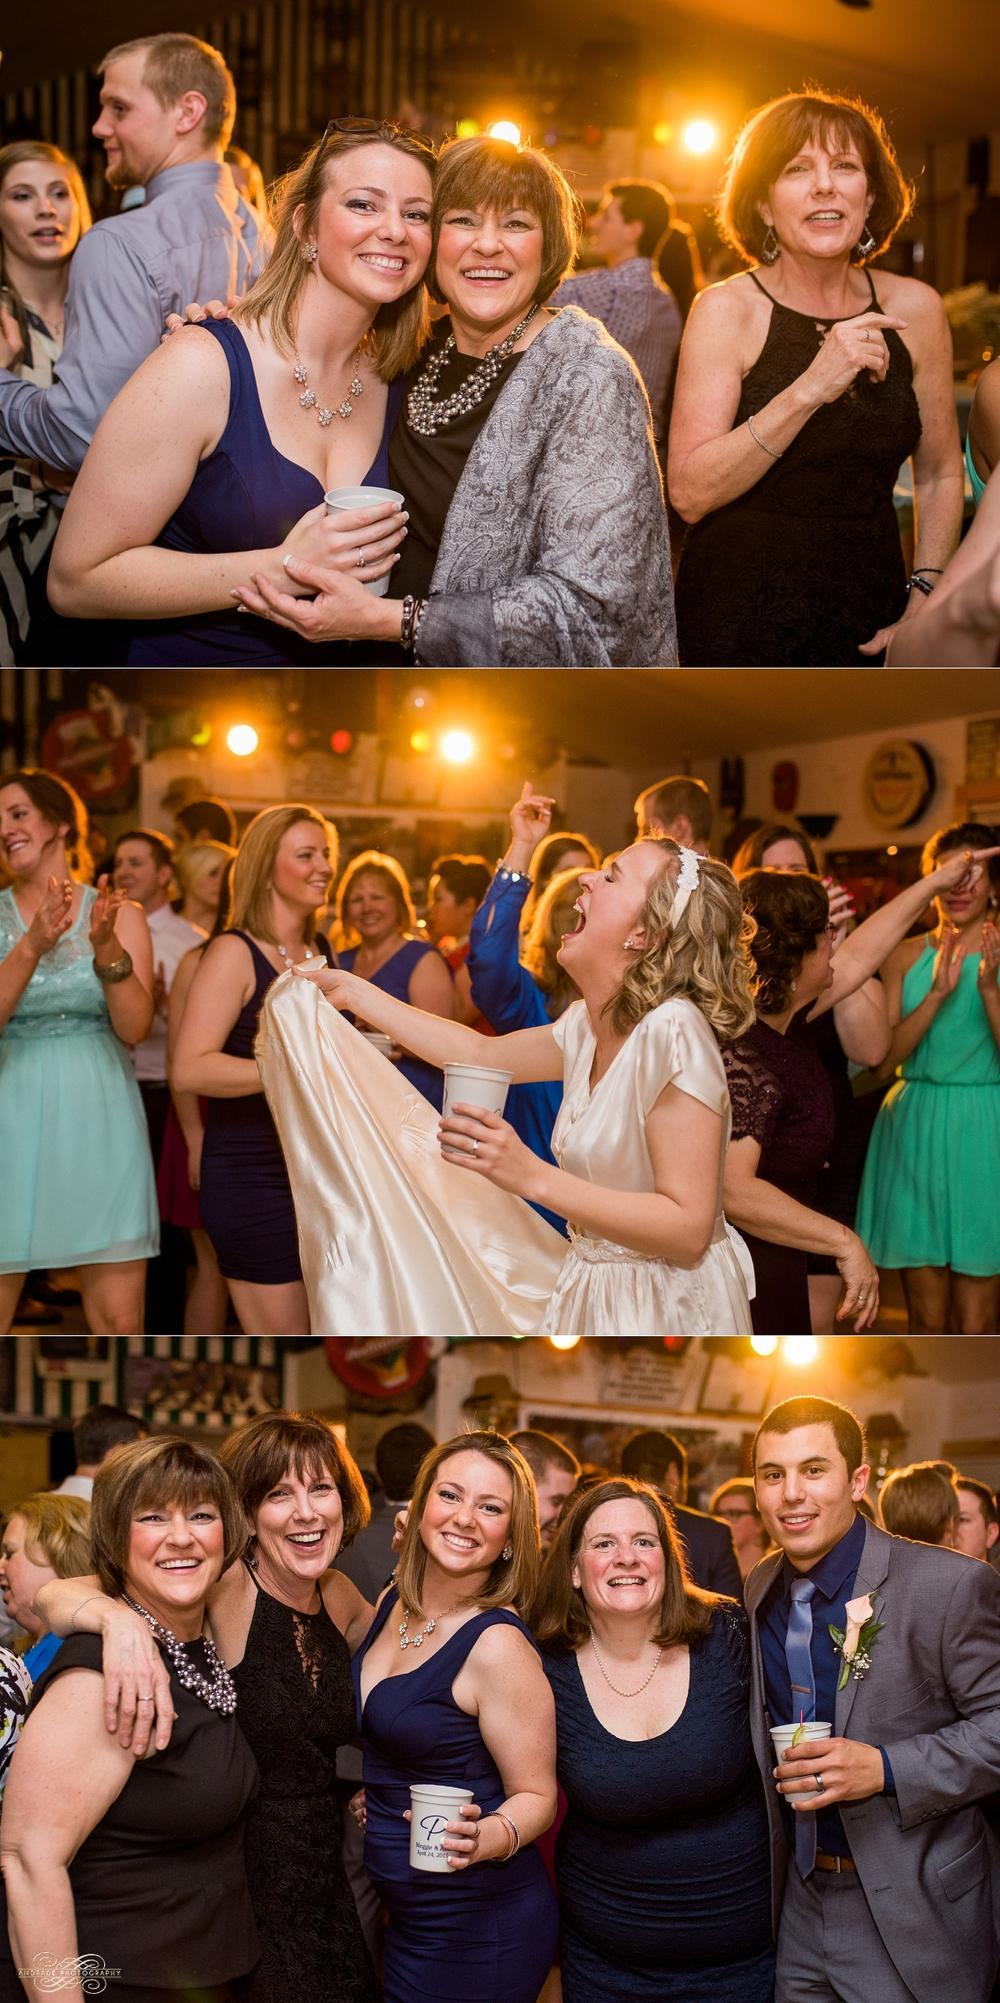 Meggie + Alex Chicago Naperville Wedding Photography_0069.jpg